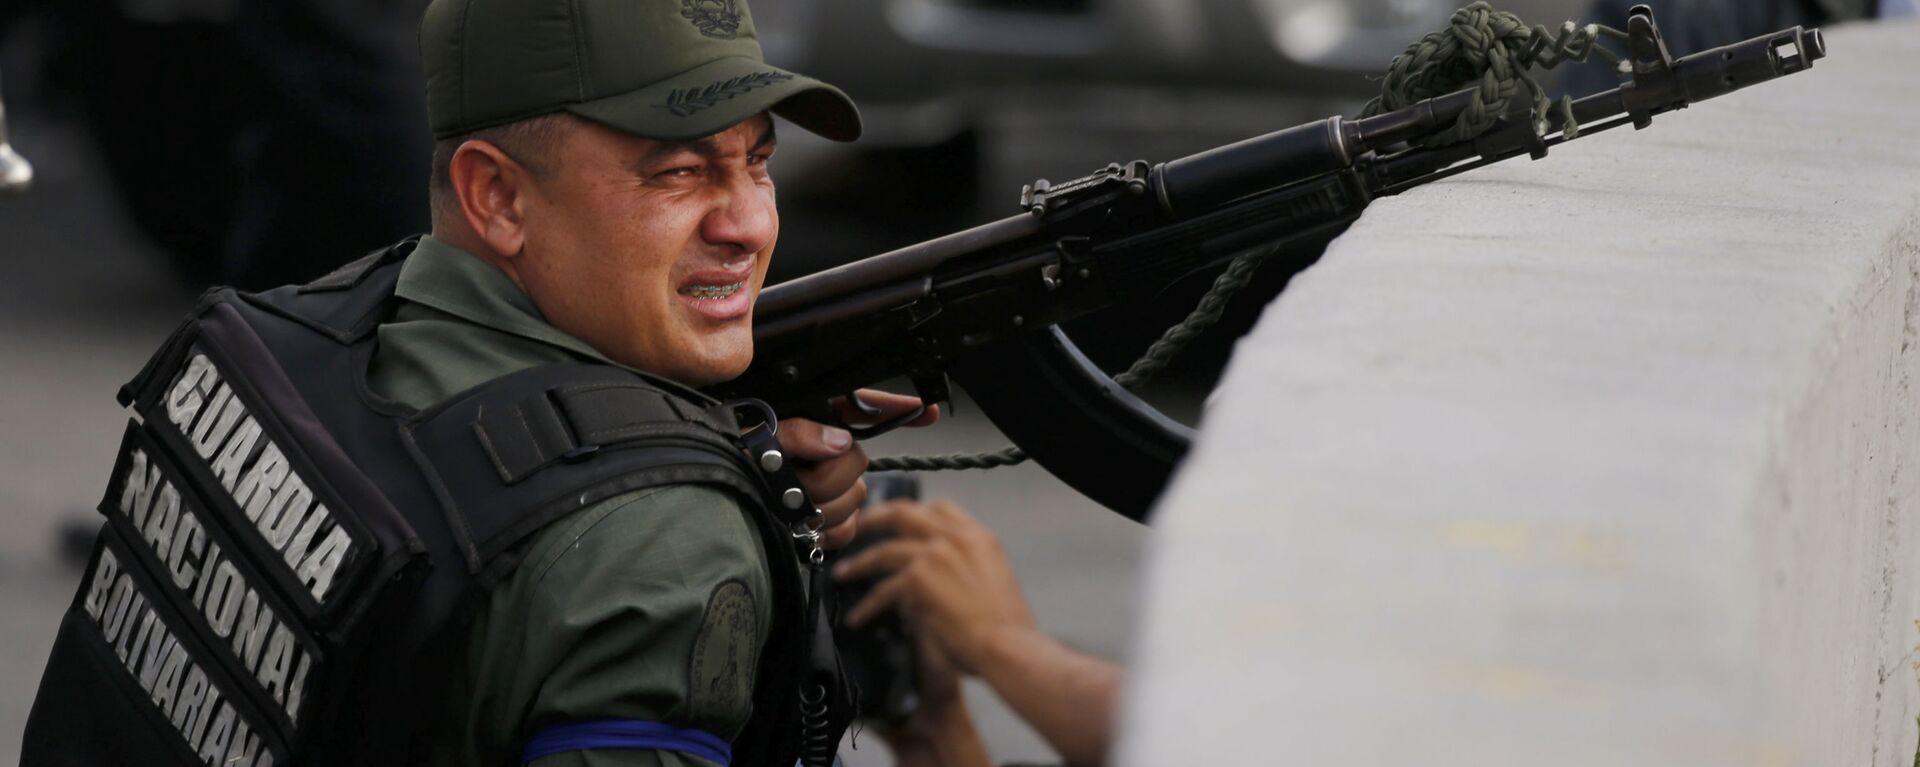 Guardia Nacional Bolivariana de Venezuela - Sputnik Mundo, 1920, 12.05.2021